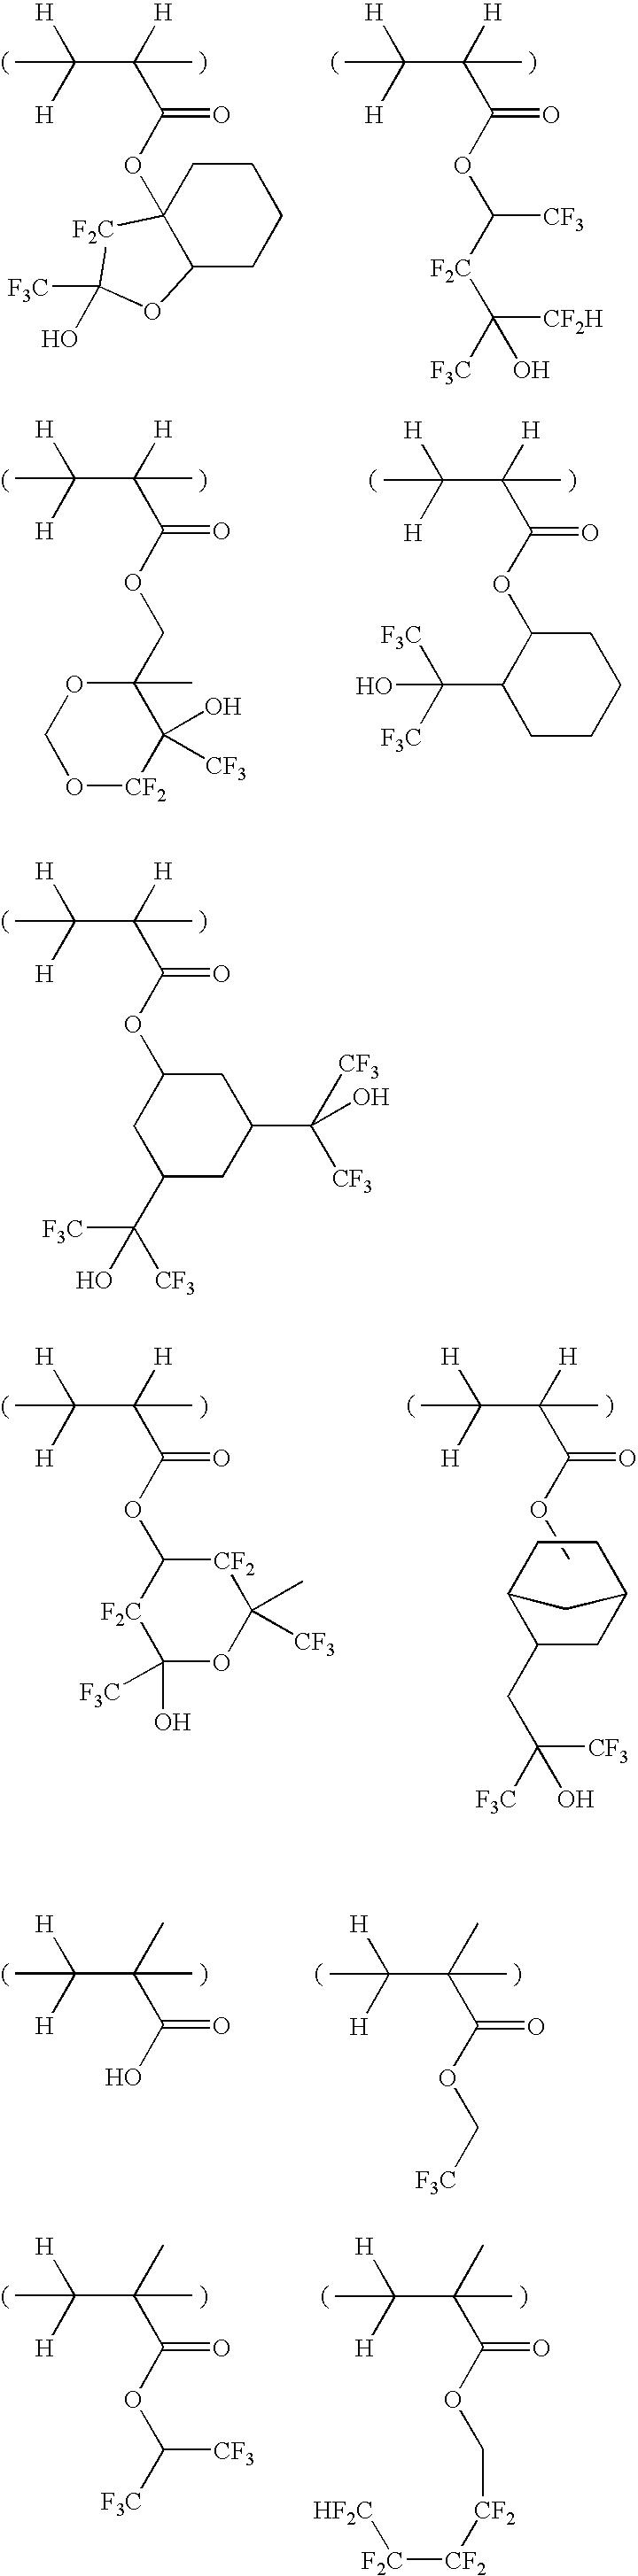 Figure US20090011365A1-20090108-C00051